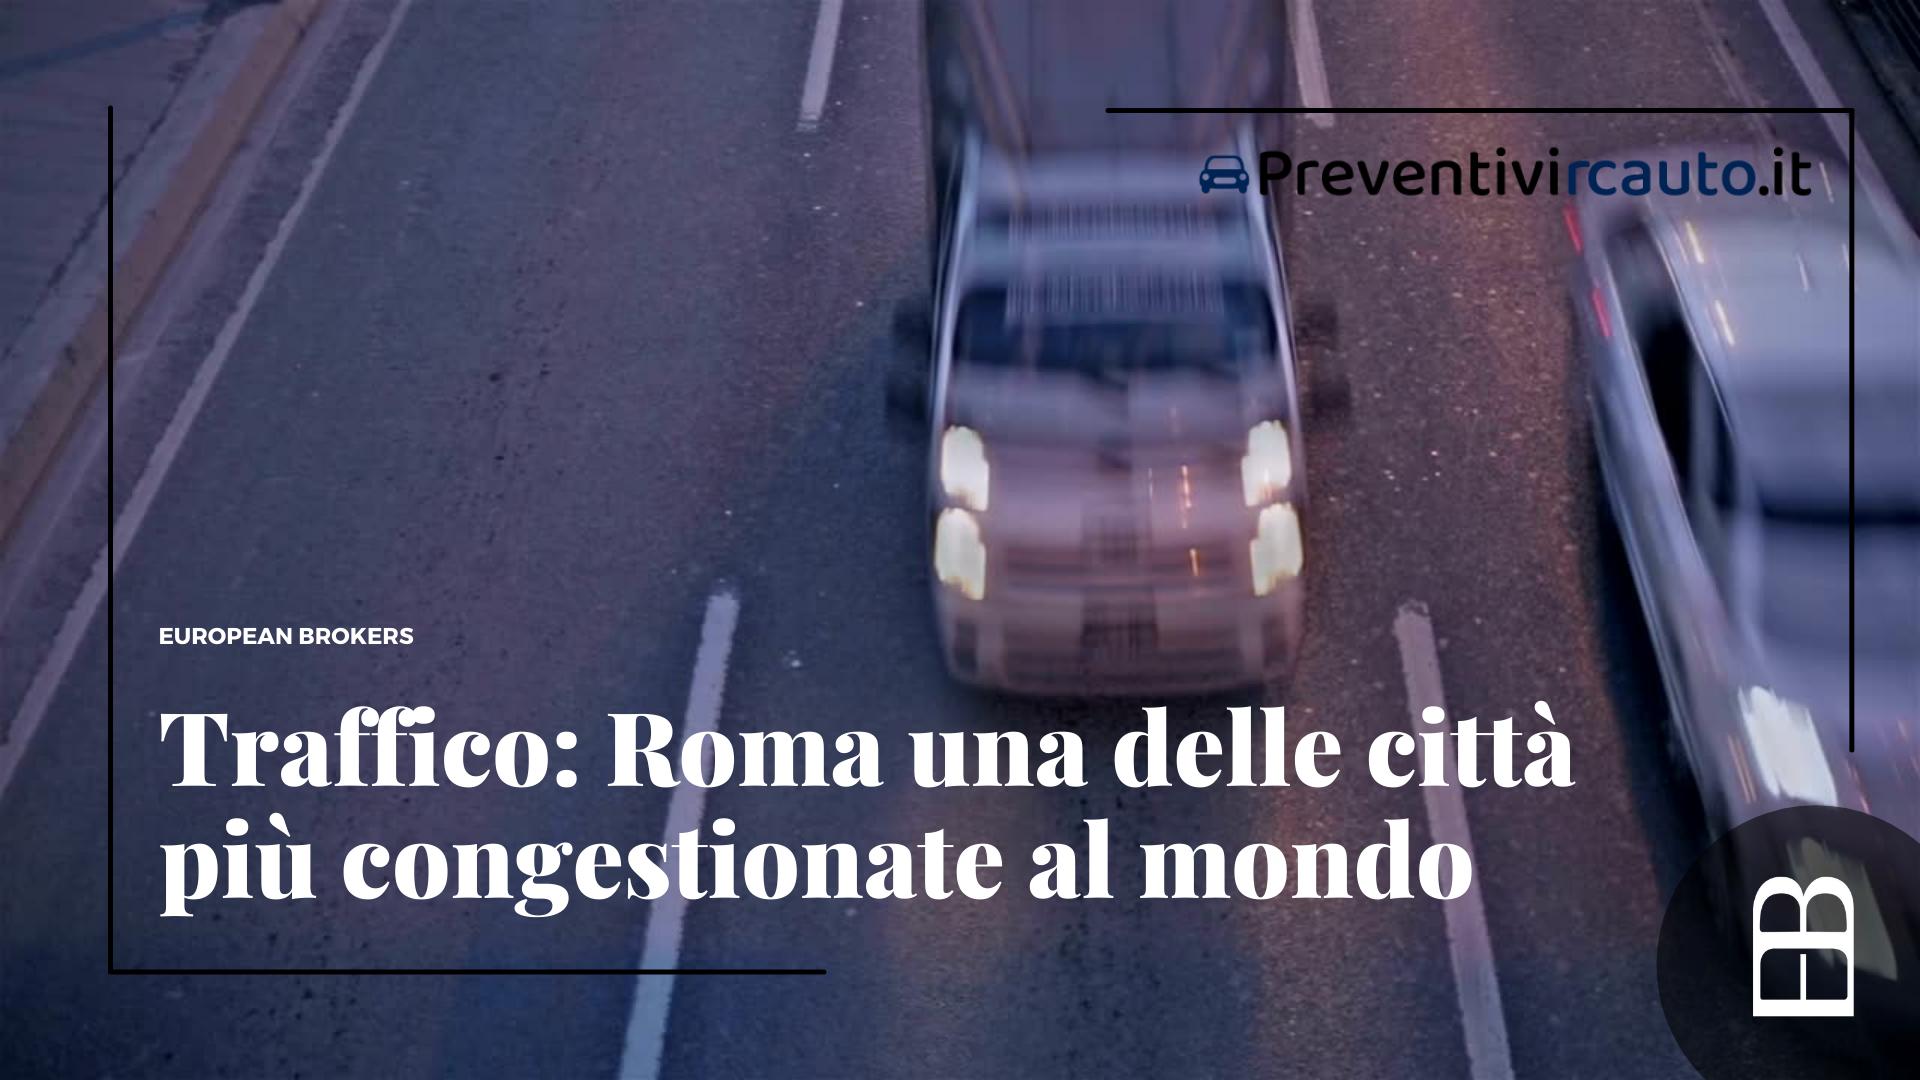 roma traffico preventivircauto.it